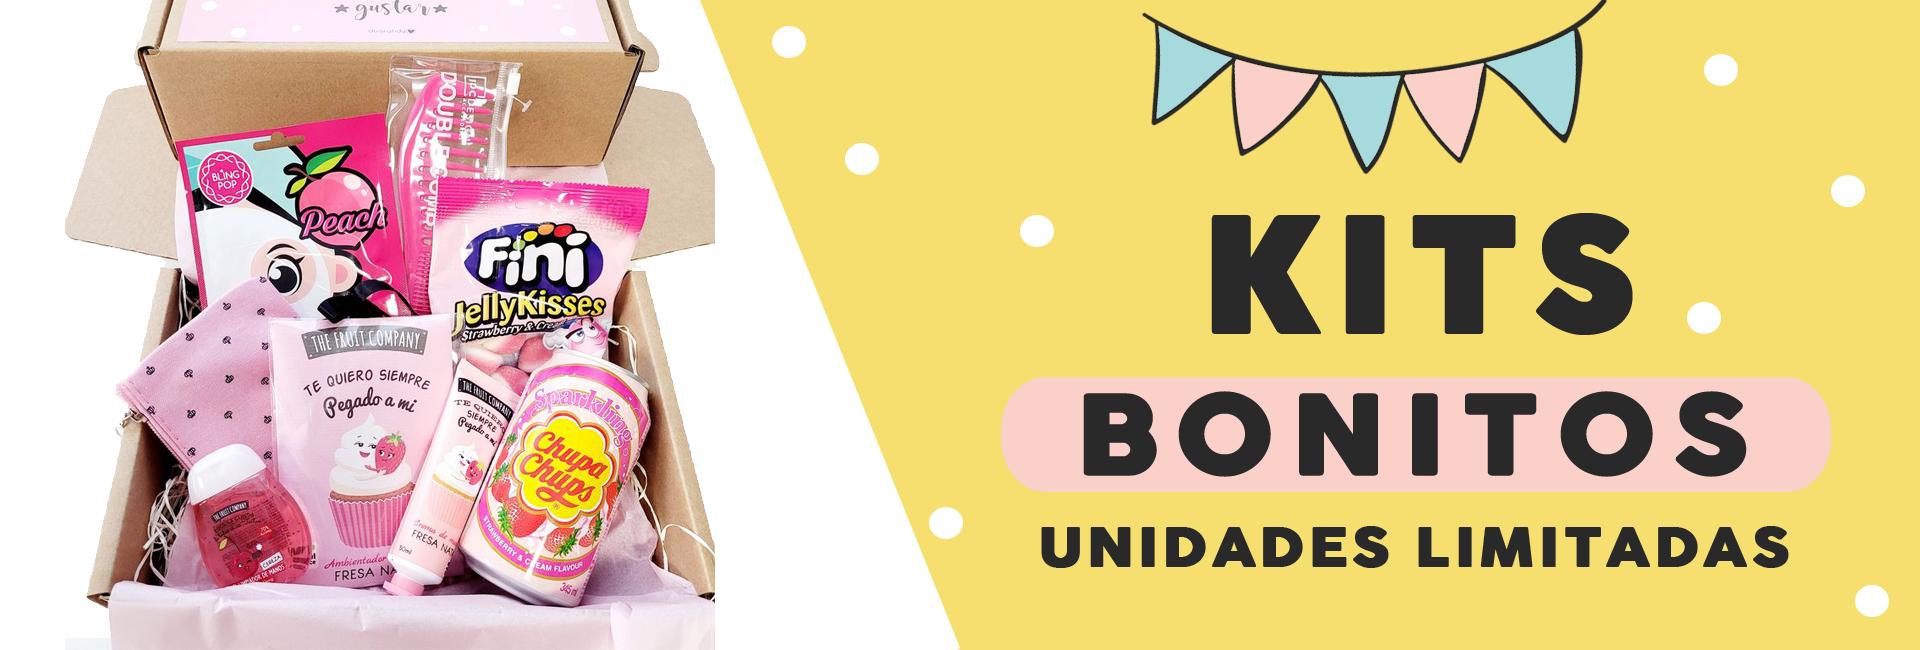 Kits bonitos - Kits Regalos personalizados